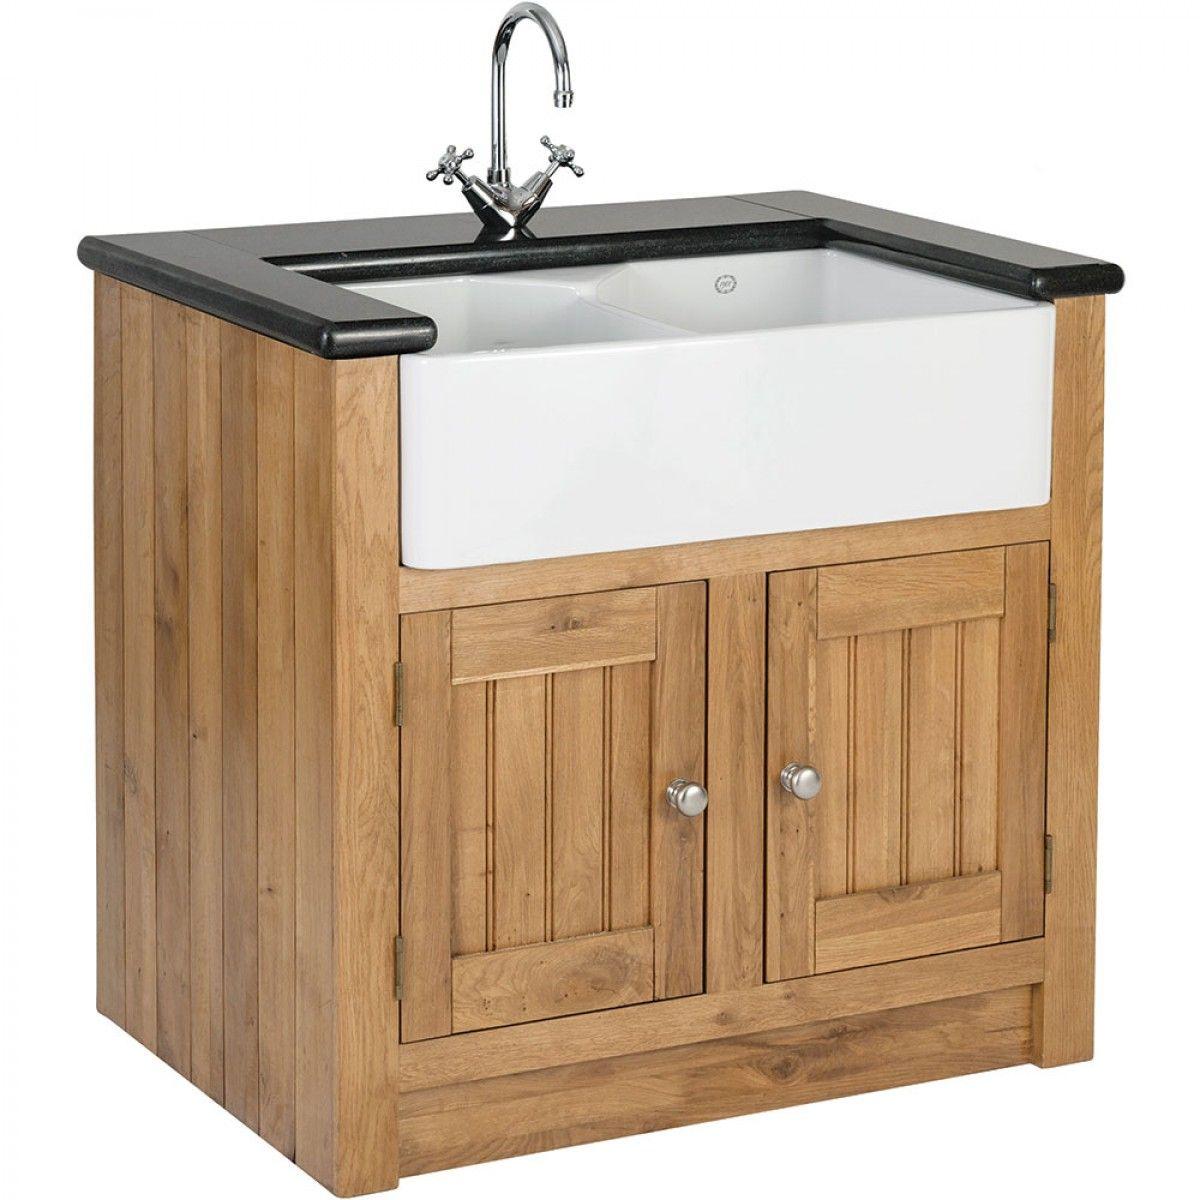 Orchard Oak 2 Door Sink Cabinet 980x665x900mm Sinks Basins Kitchens Sink Cabinet Freestanding Kitchen One Wall Kitchen